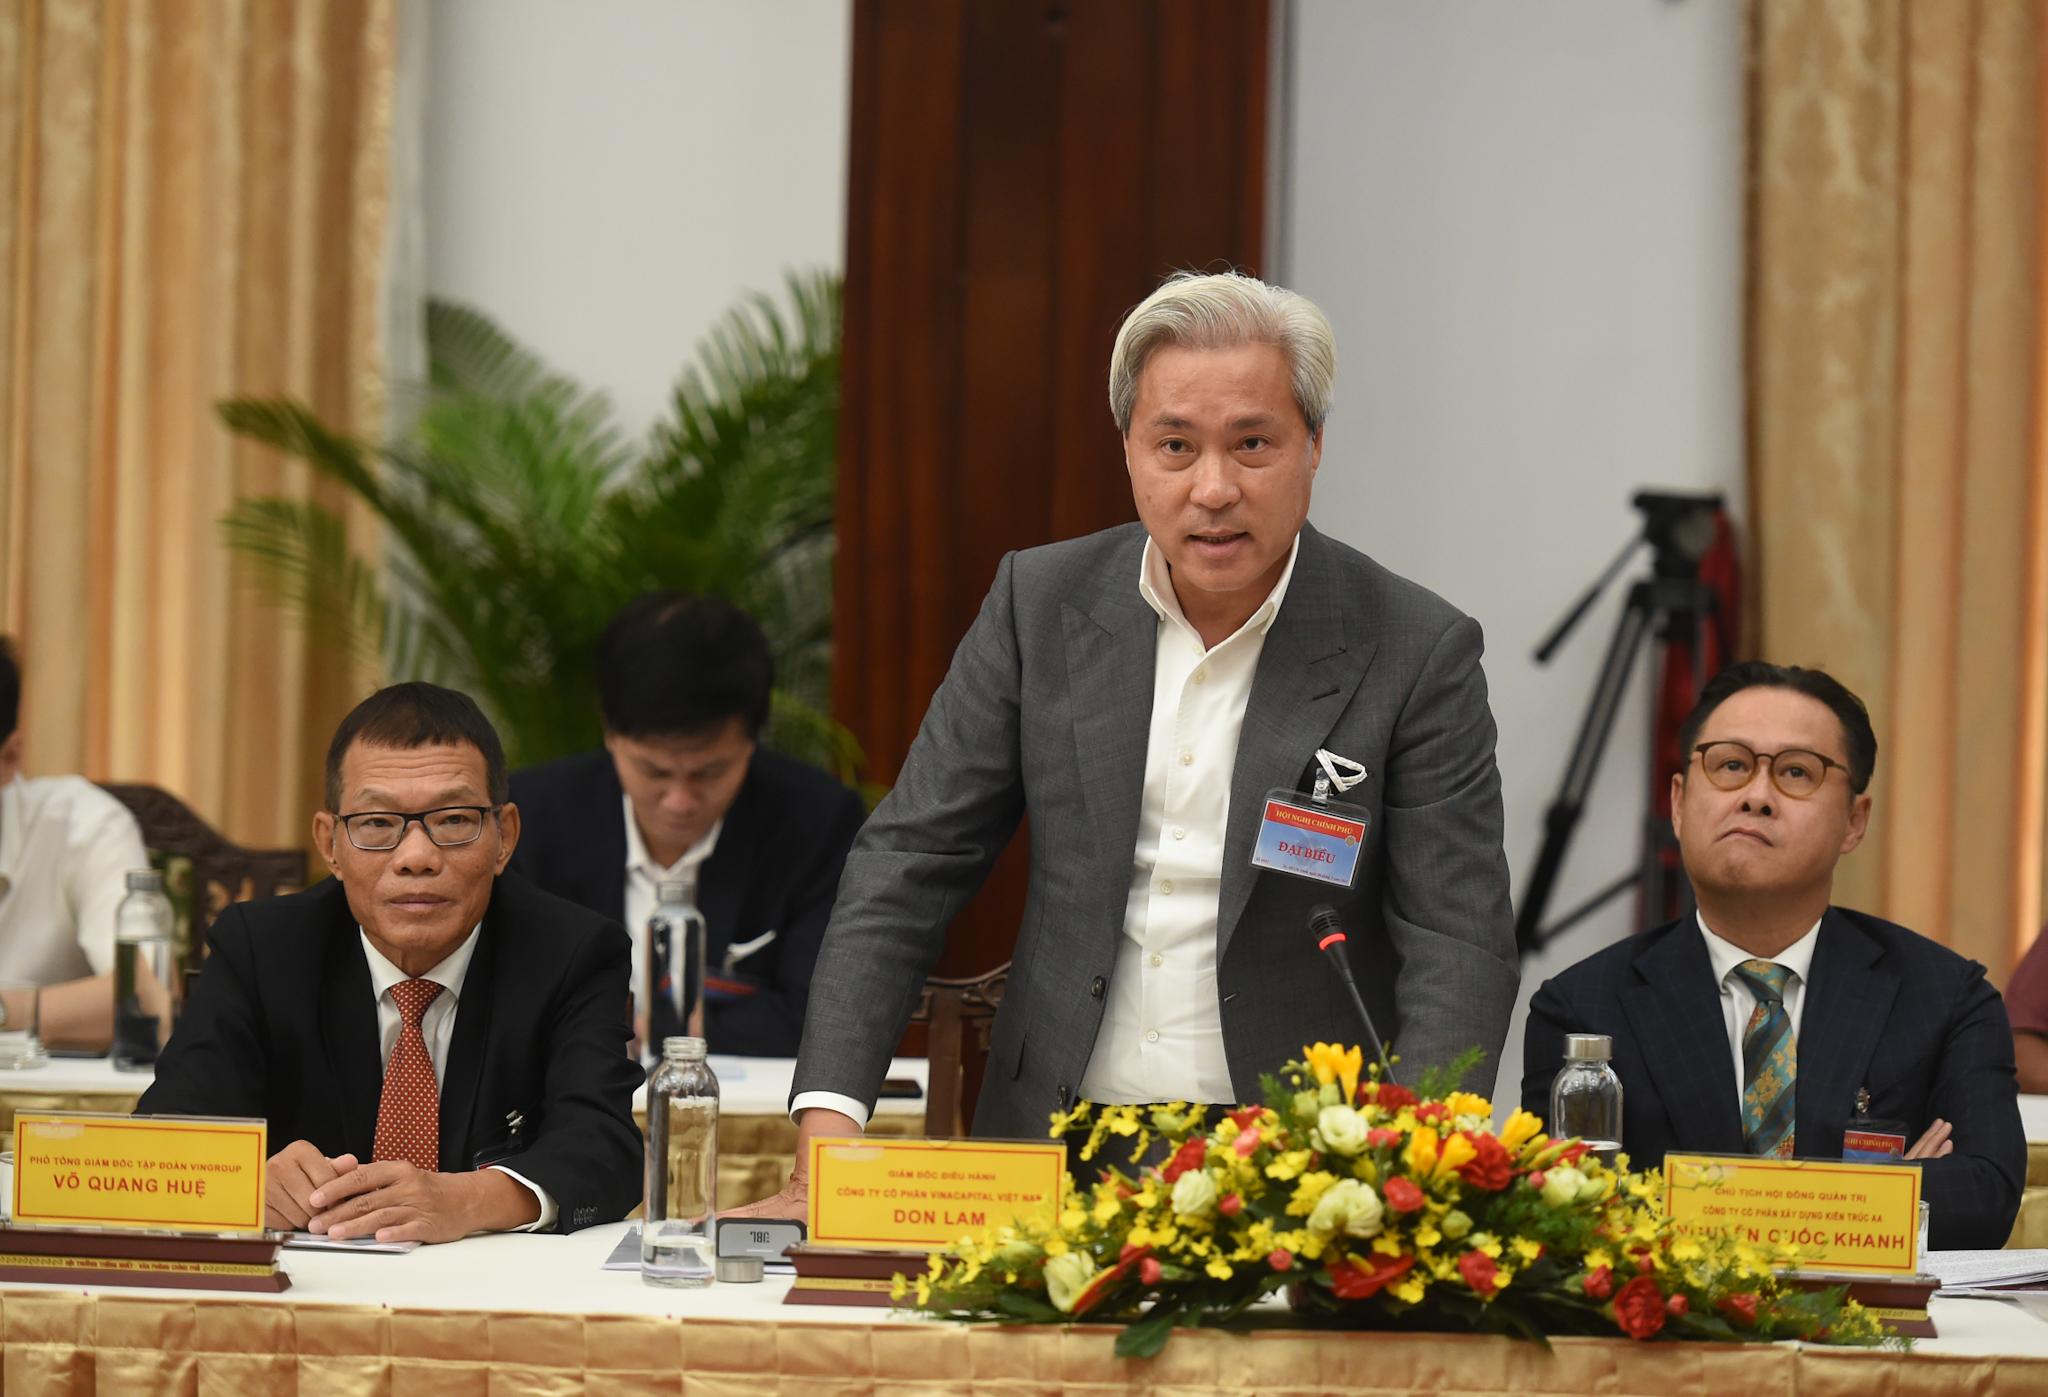 TỔNG THUẬT: Việt Nam 2045: Bức tranh đẹp ai cũng có cơ hội đặt nét vẽ lên